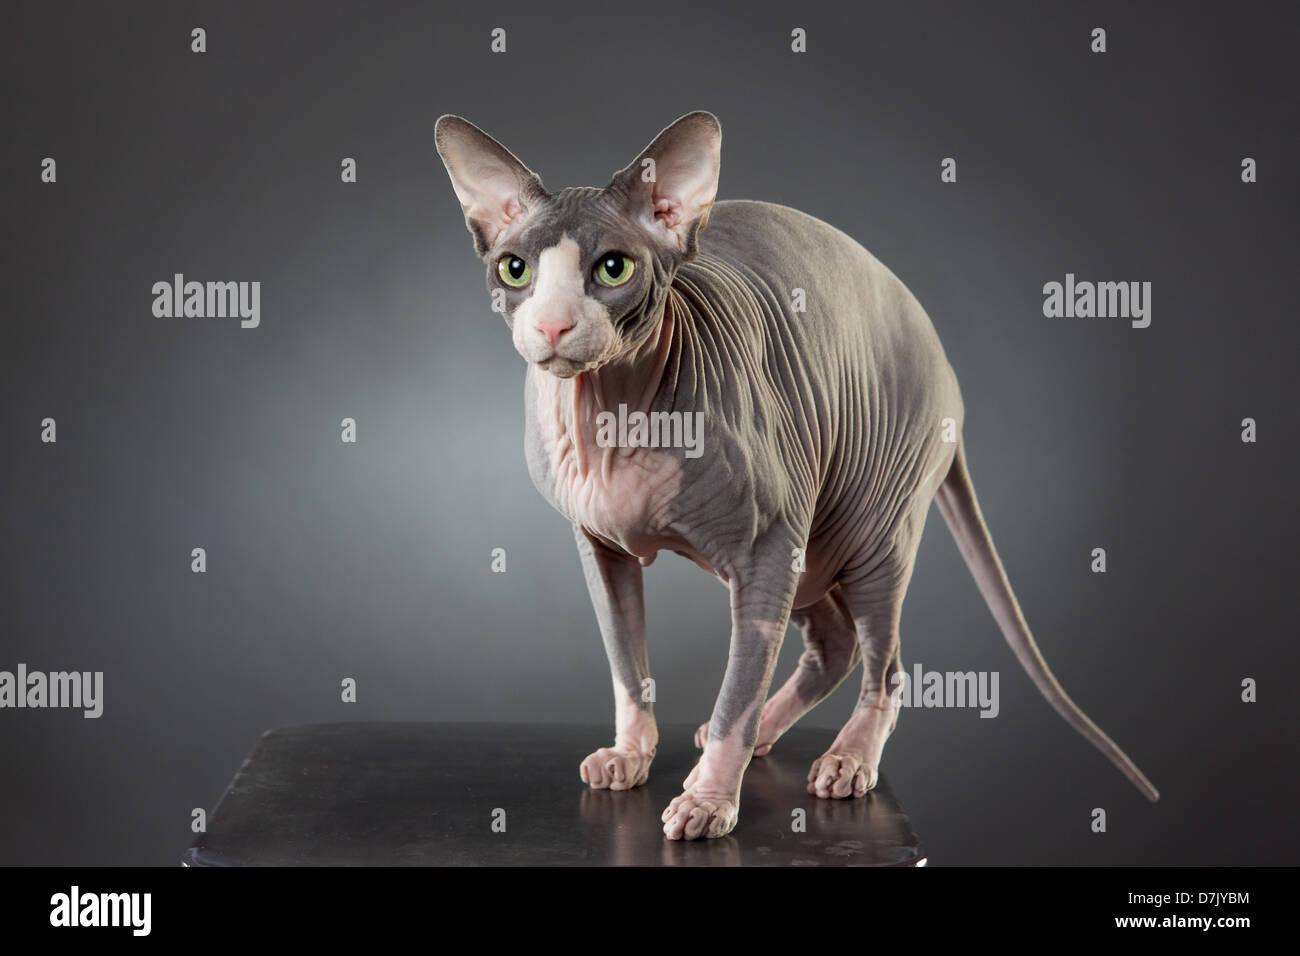 Porträt von alert haarlose blass grau Sphinx Katze stehend stellte im studio Stockbild